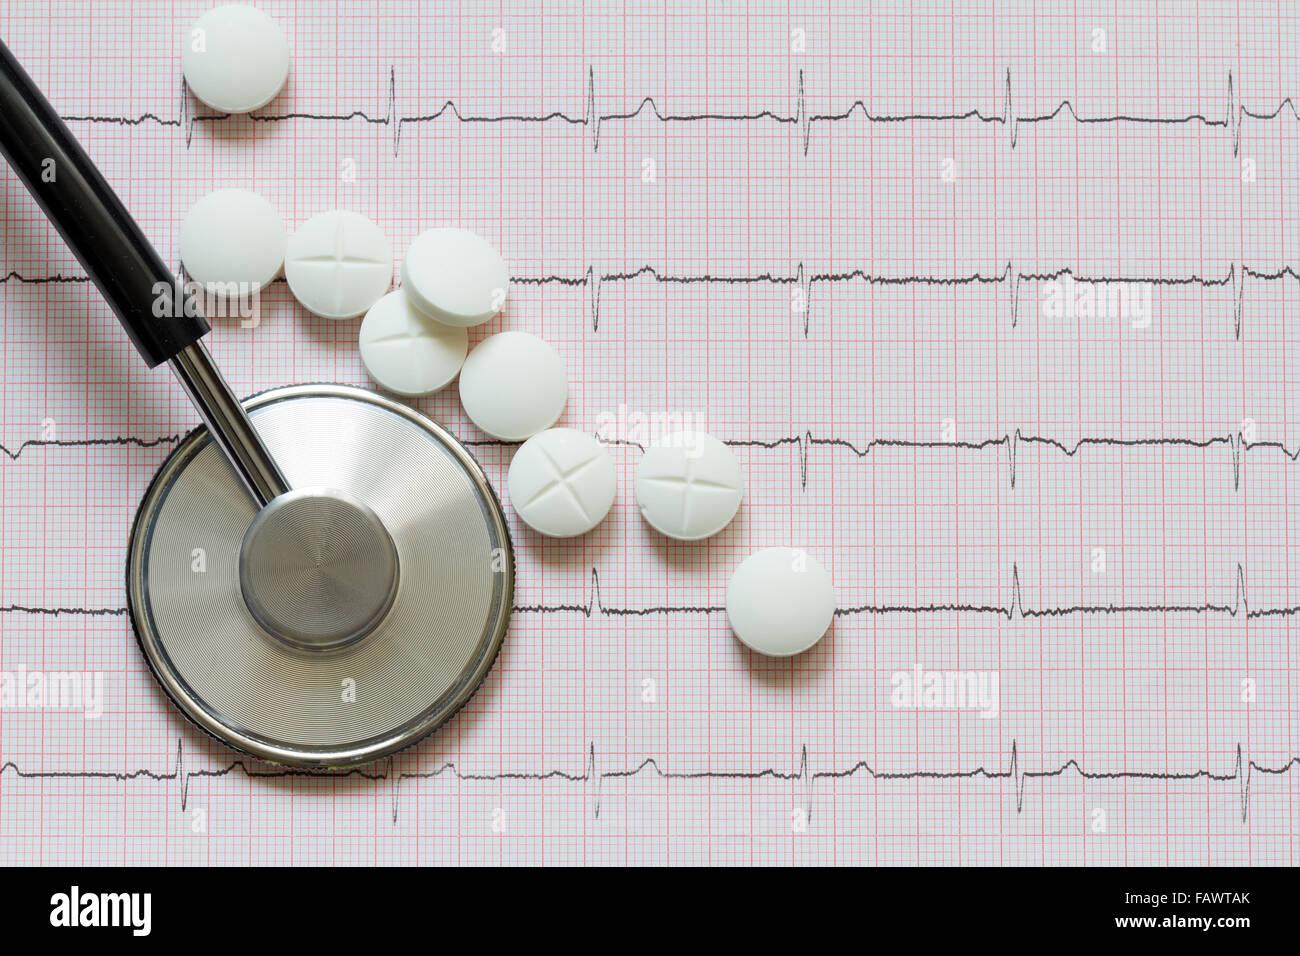 Les maladies du cœur le symbole abstrait avec cardiogramme closeup Photo Stock